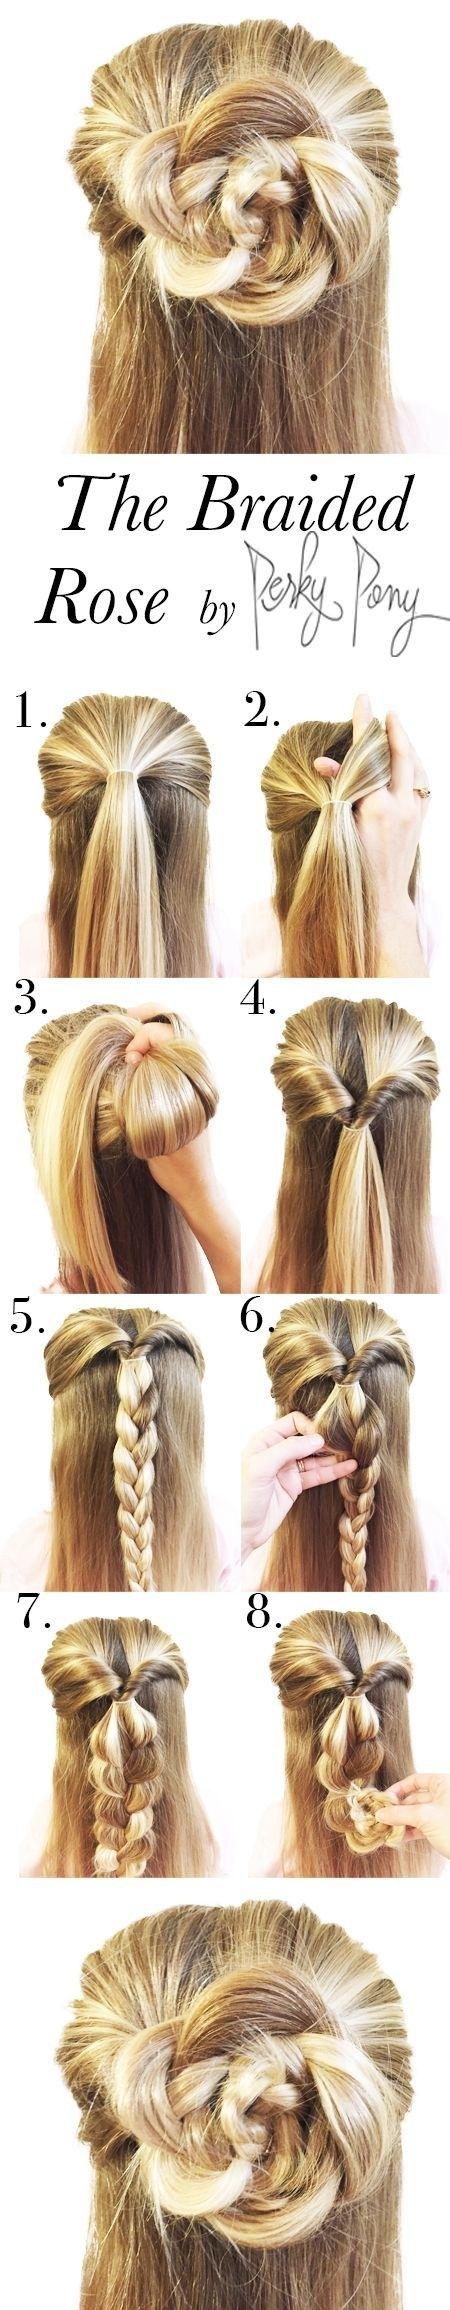 La rosa trenzada | 17 Sensacionales peinados con trenzas que son fáciles de hacer